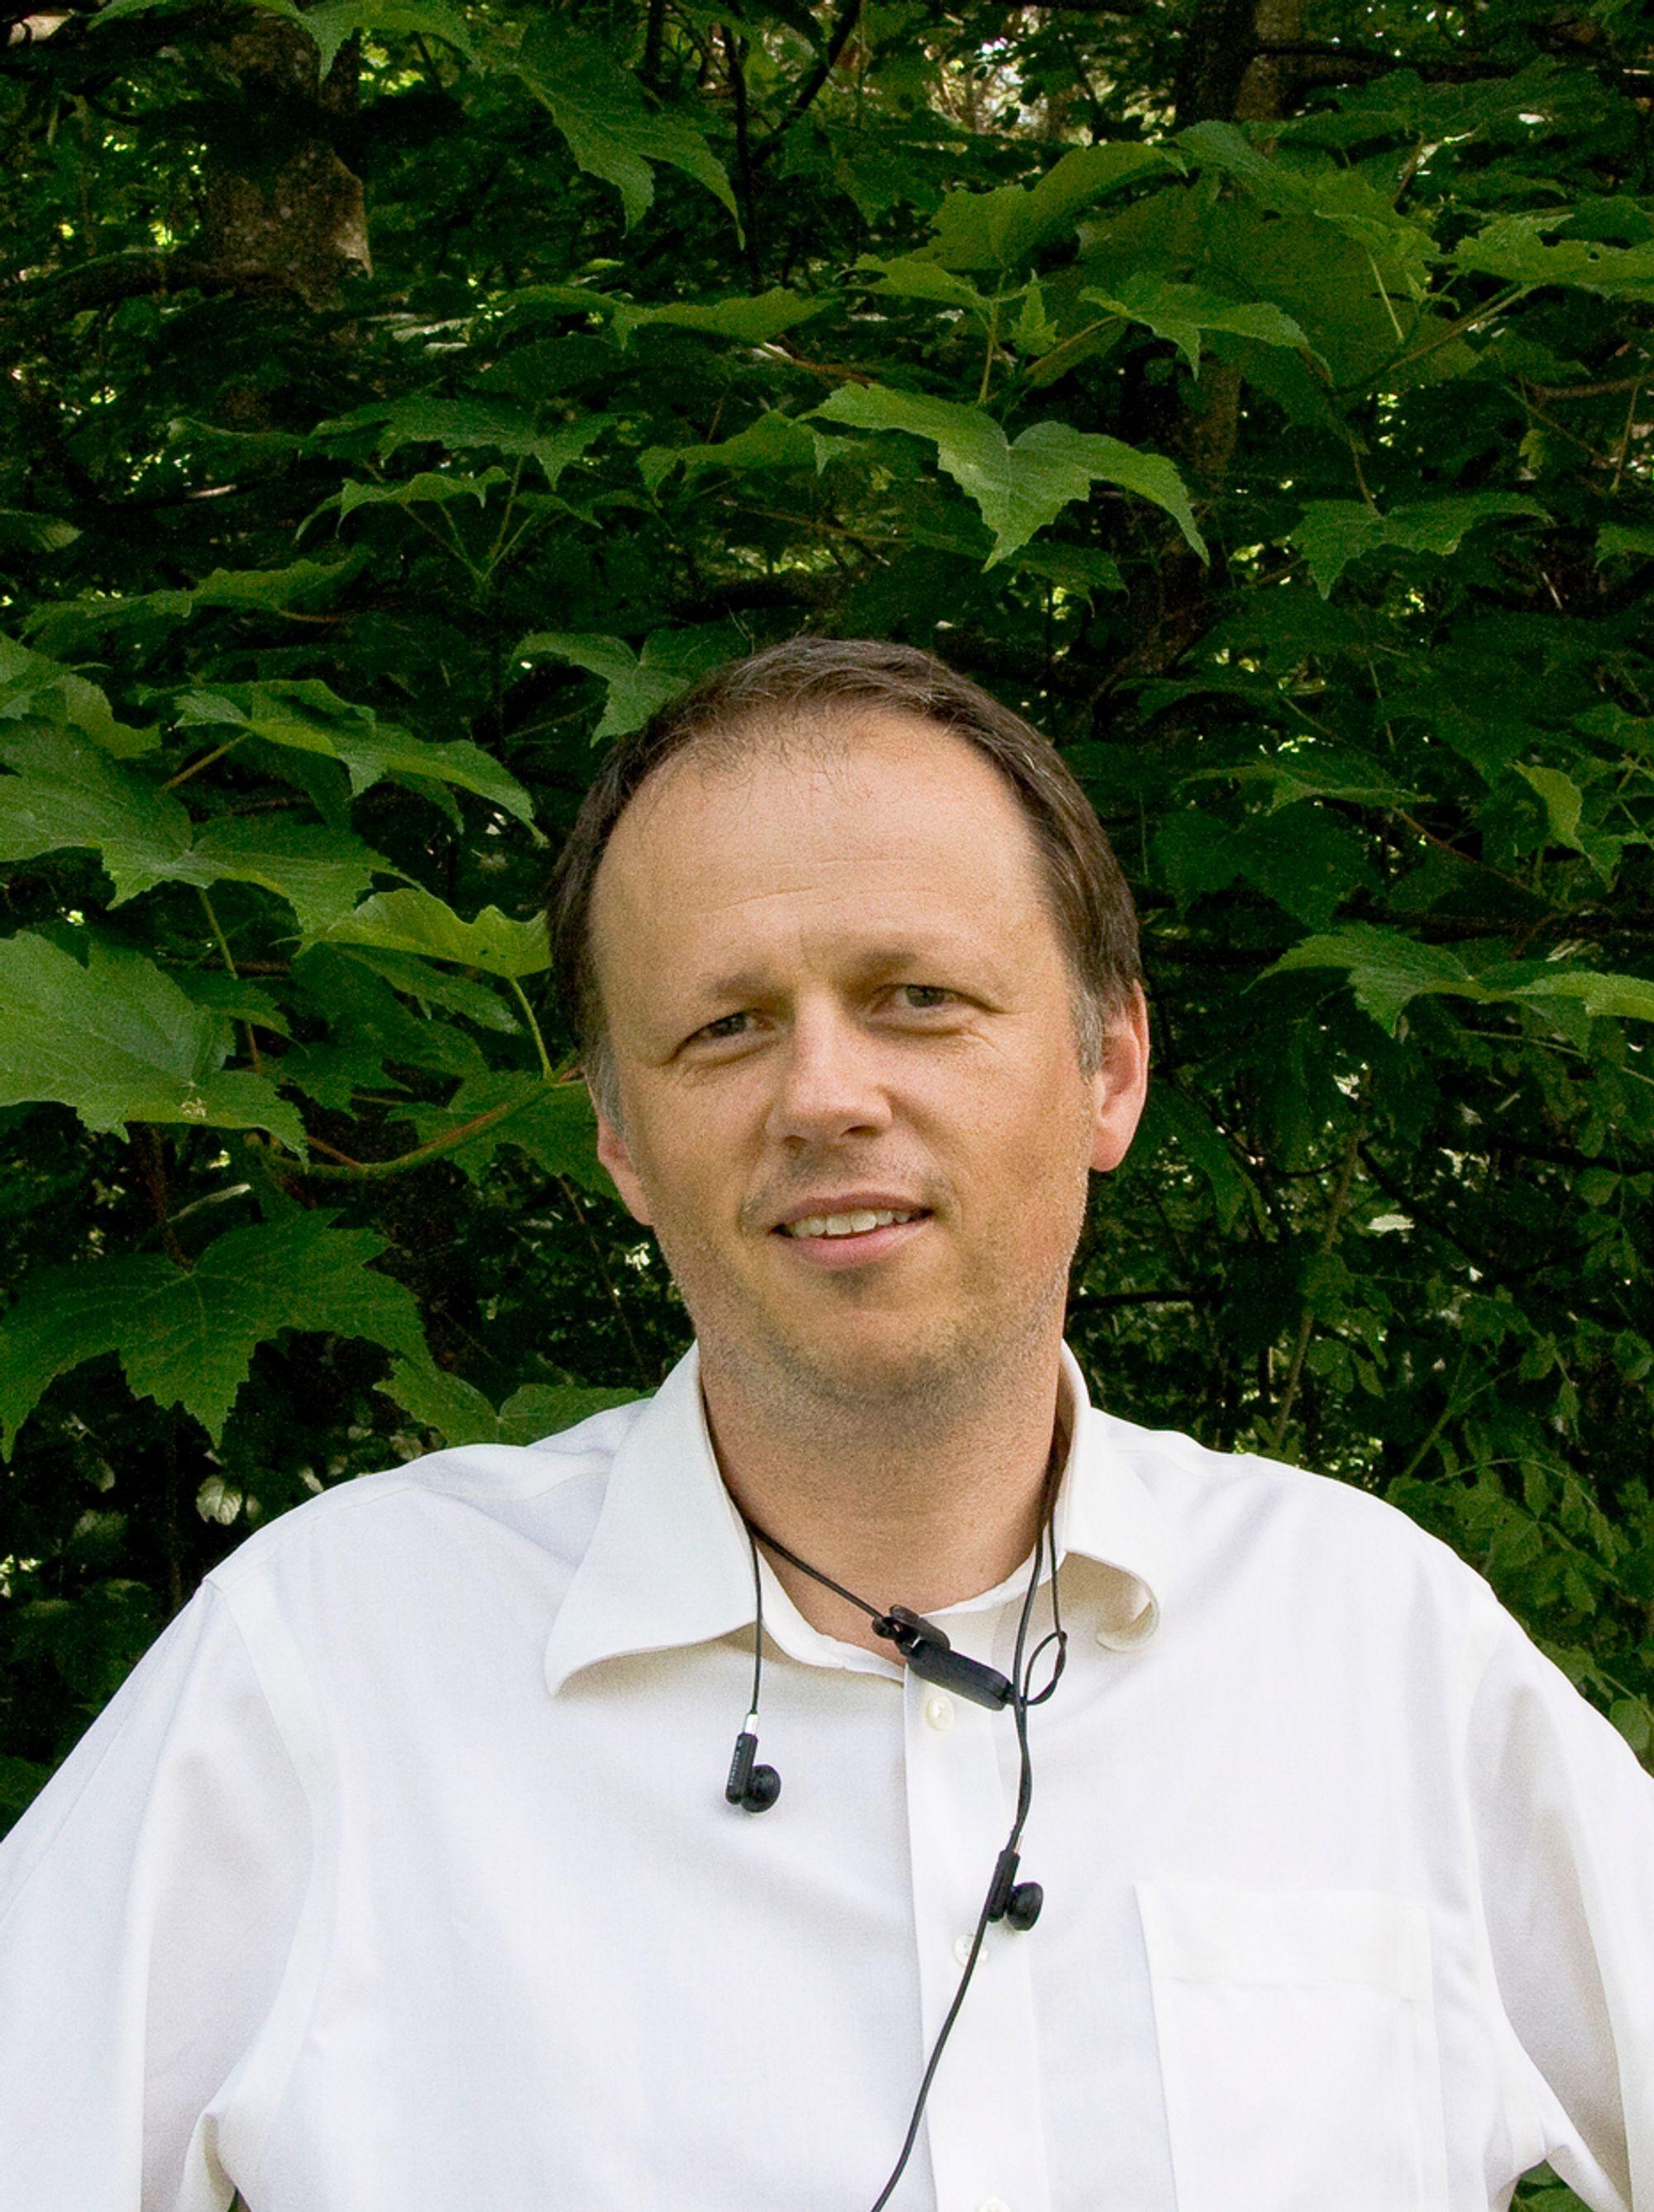 I DET GRØNNE: Sjefen for SAS Institute i Norge, Frank Møllerup tror rapportering og anlyse kan hjelpe bedrifter til å redusere utslipp.